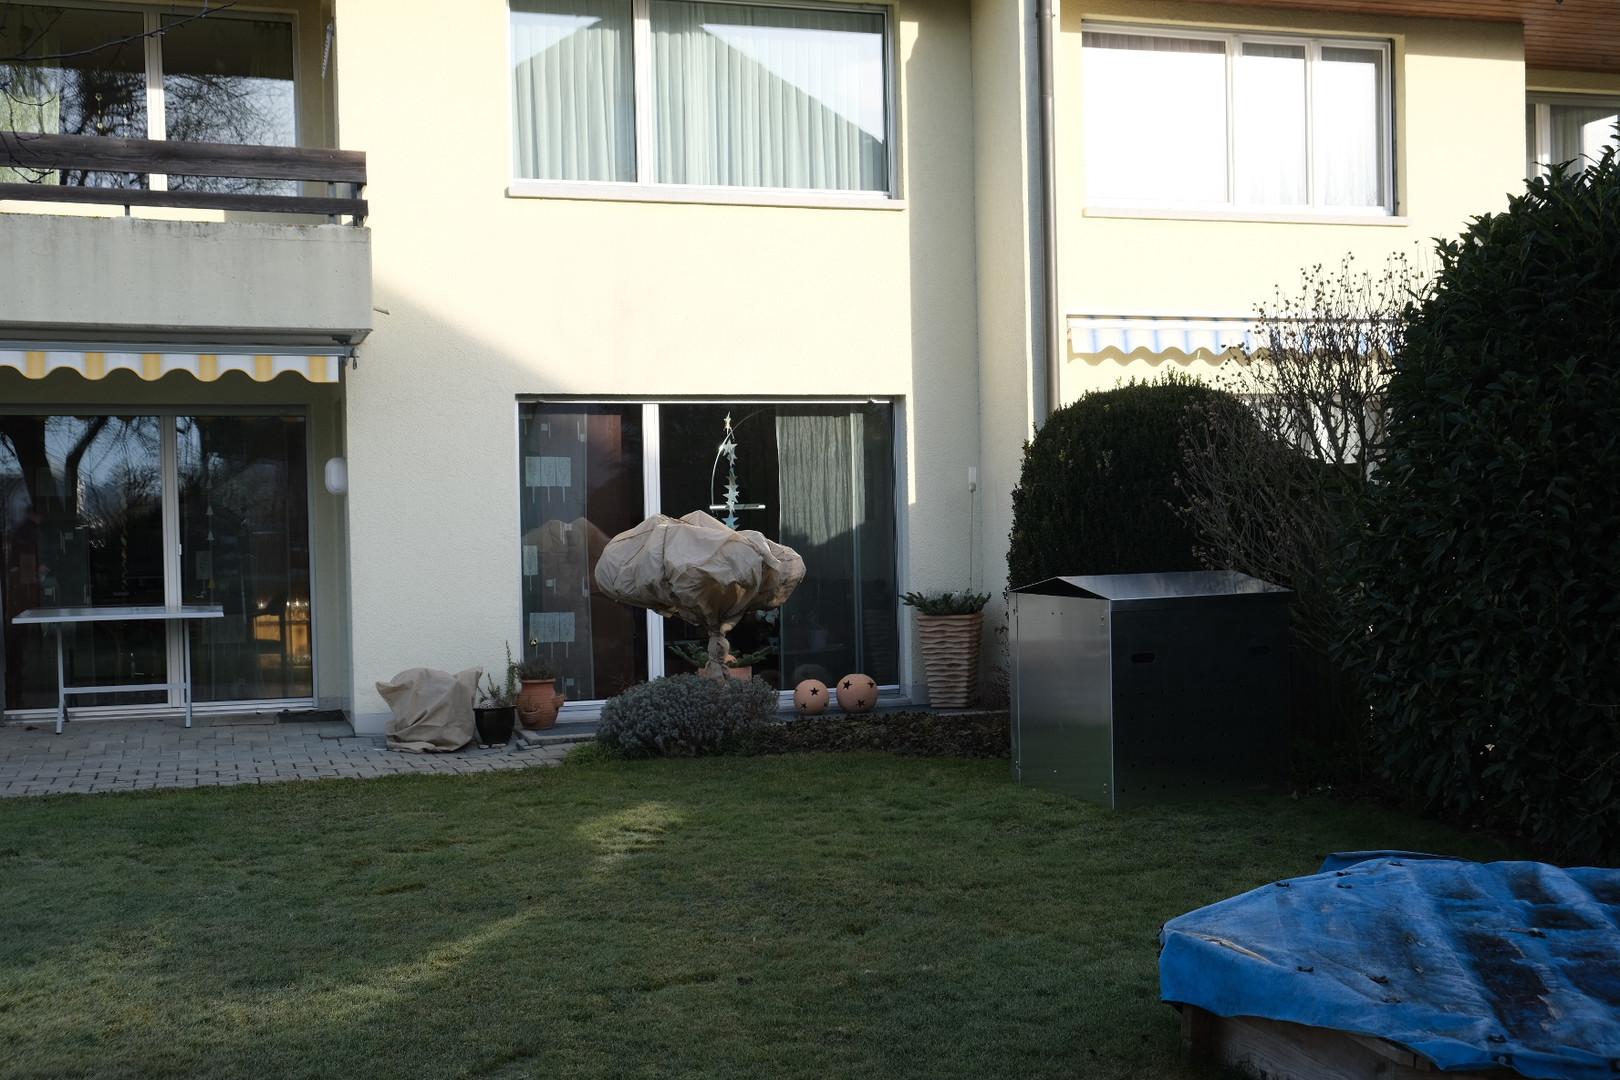 Cato_Mehrfamilienhaus1_Composting